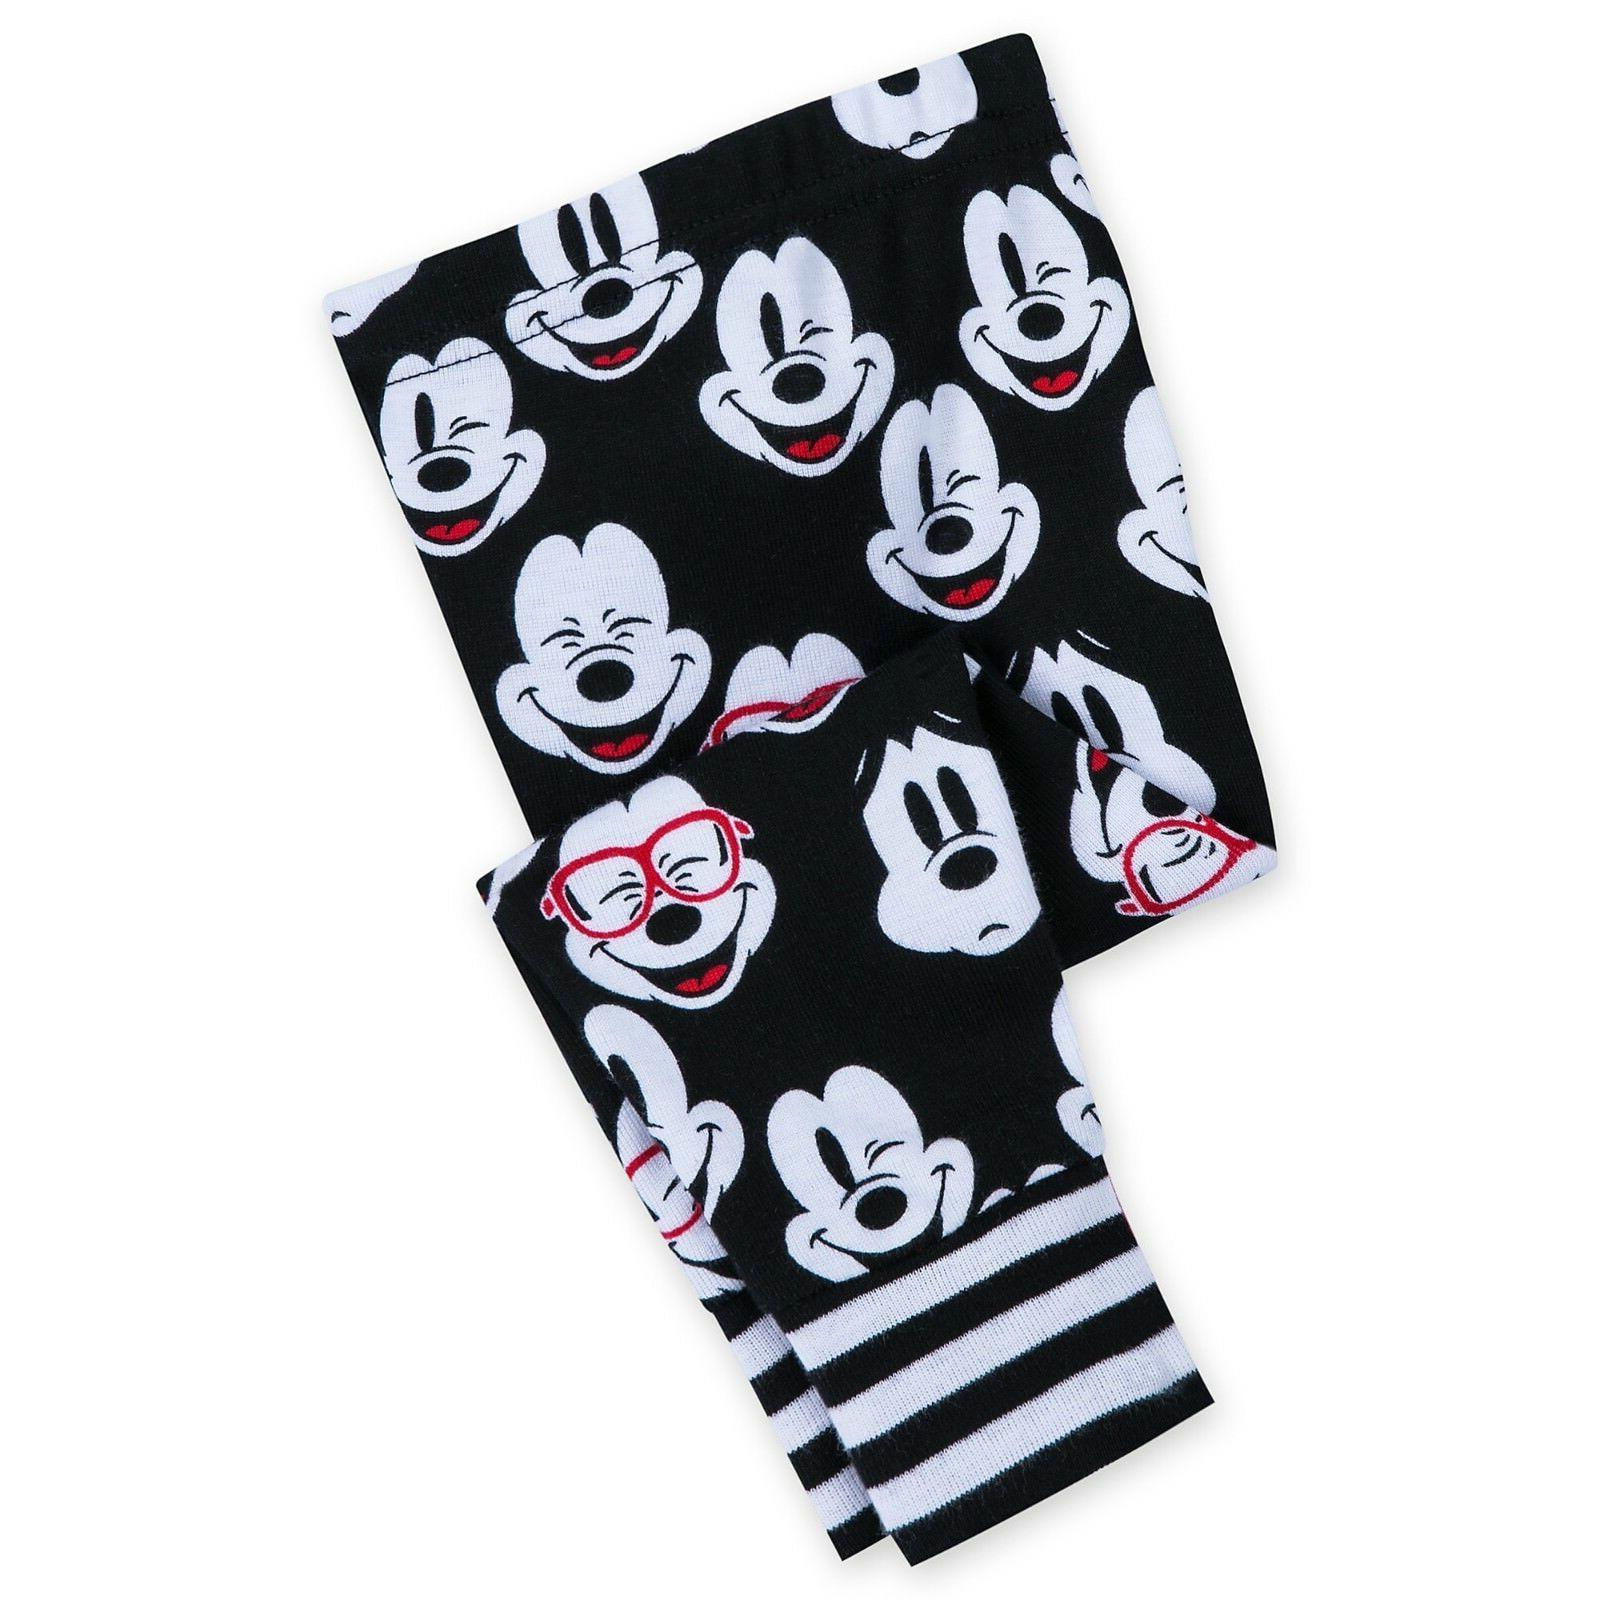 Disney Store PJ Pajamas Baby Boys Size 6 18 24 Months